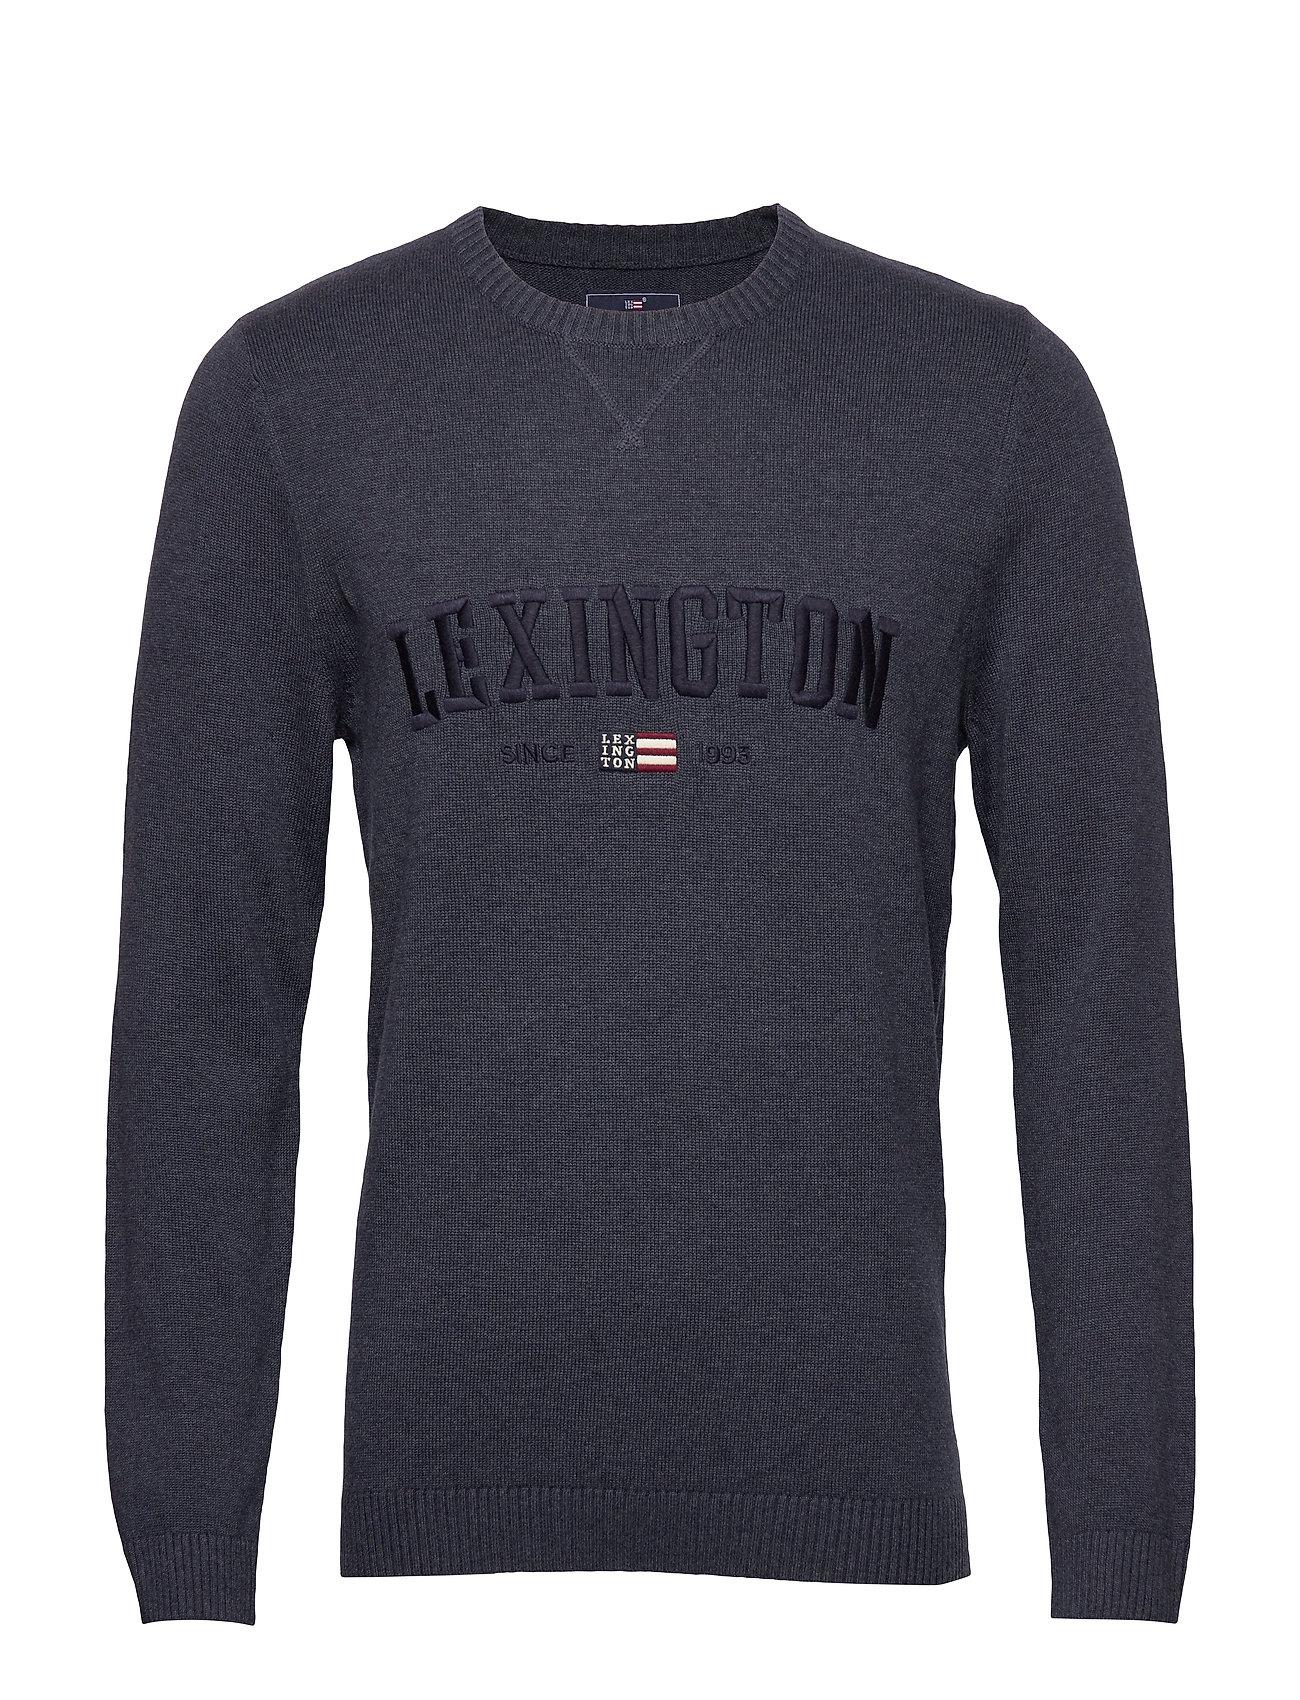 Lexington Clothing Nelson Knitted Sweatshirt - BLUE MELANGE